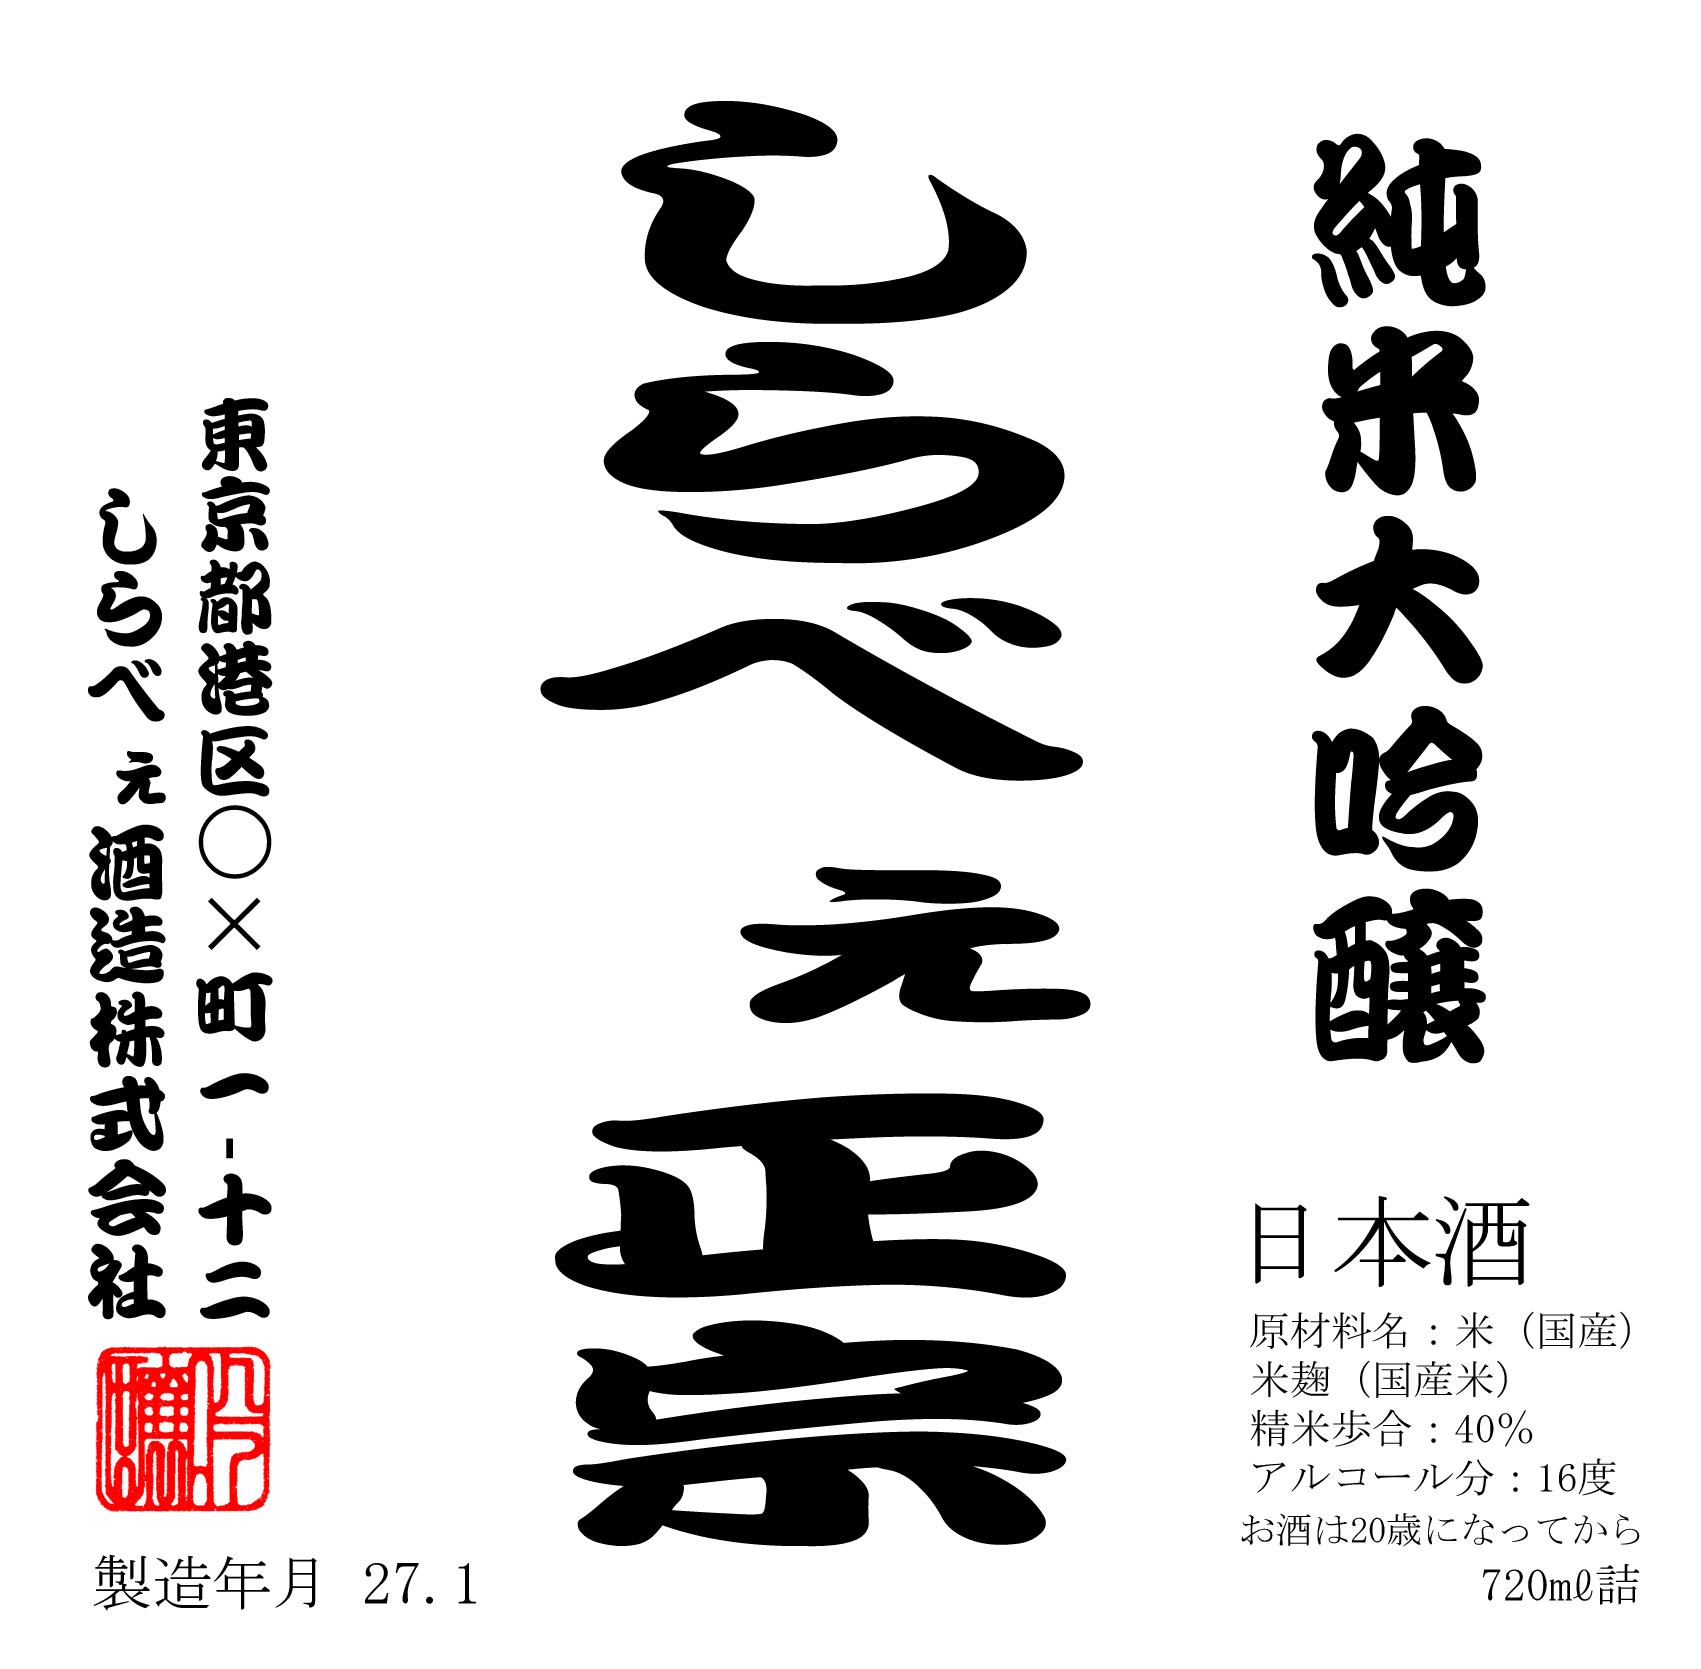 しらべぇ0205ラベル6